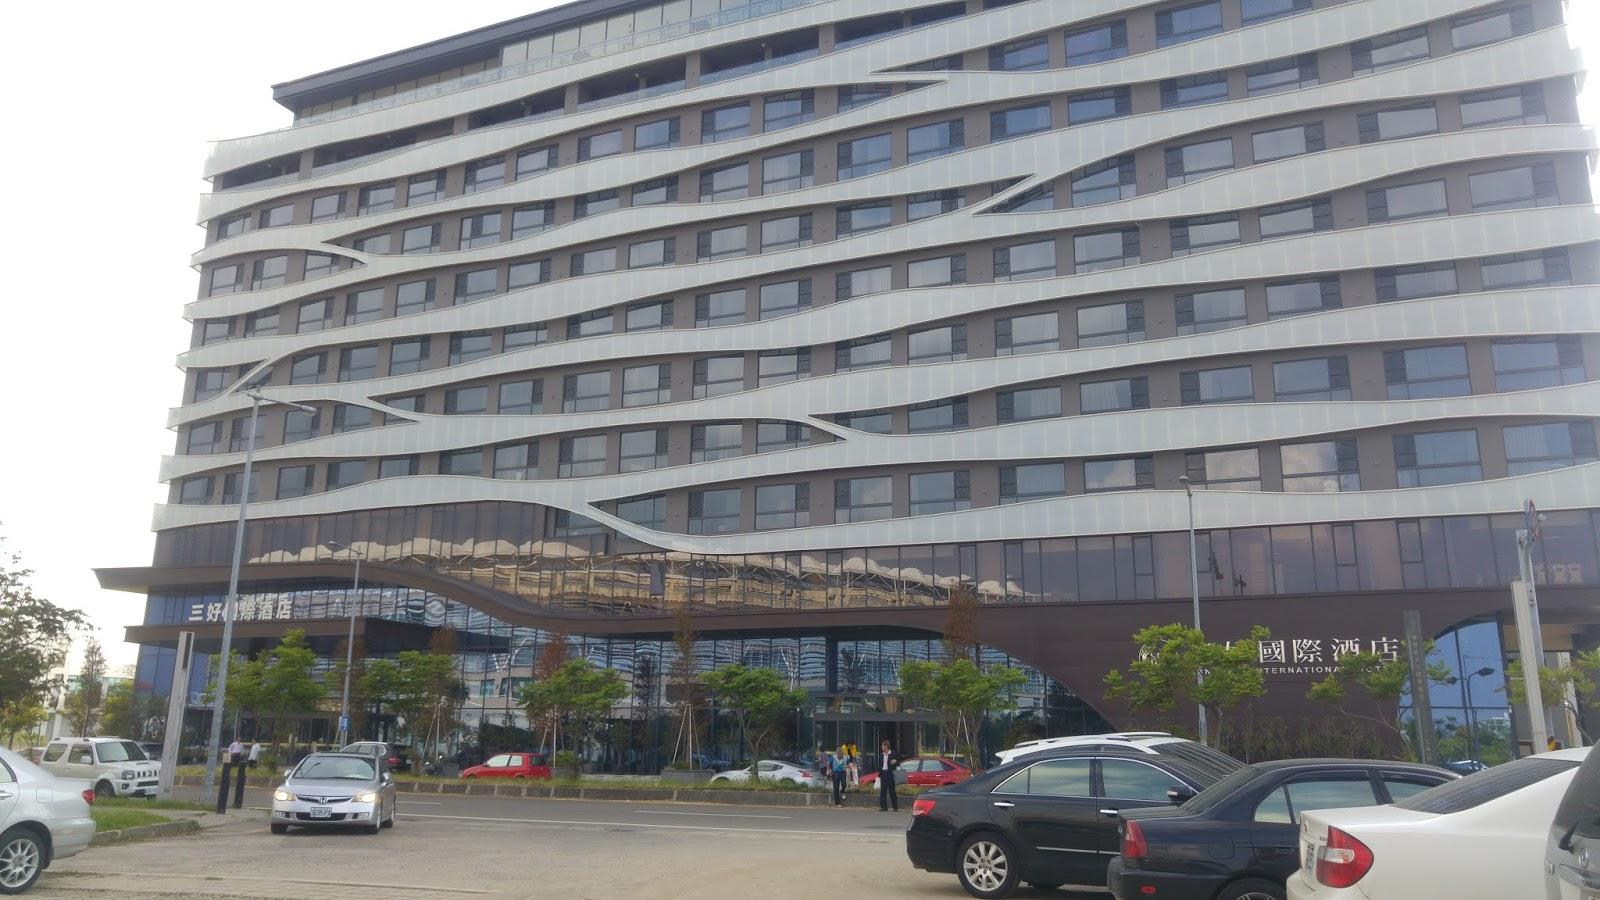 斗六食記-吃喜酒在《三好國際酒店》,位置在斗六棒球場旁邊,停車滿方便